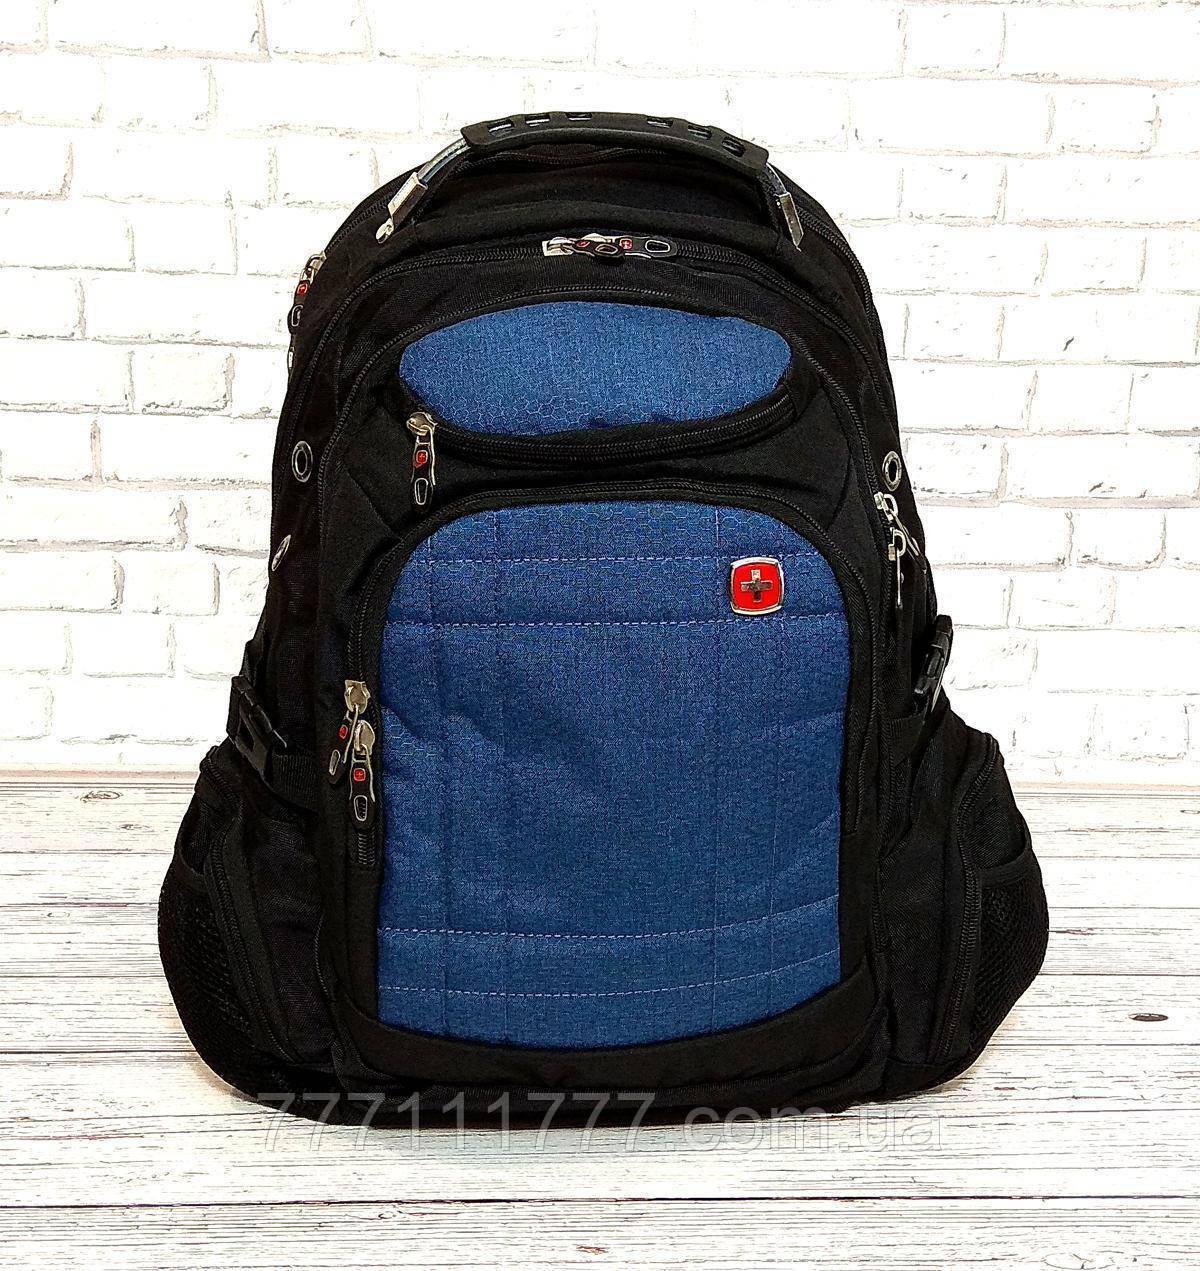 2c9622f20844 Спортивный рюкзак SwissGear Wenger черный с синим + Дождевик ...